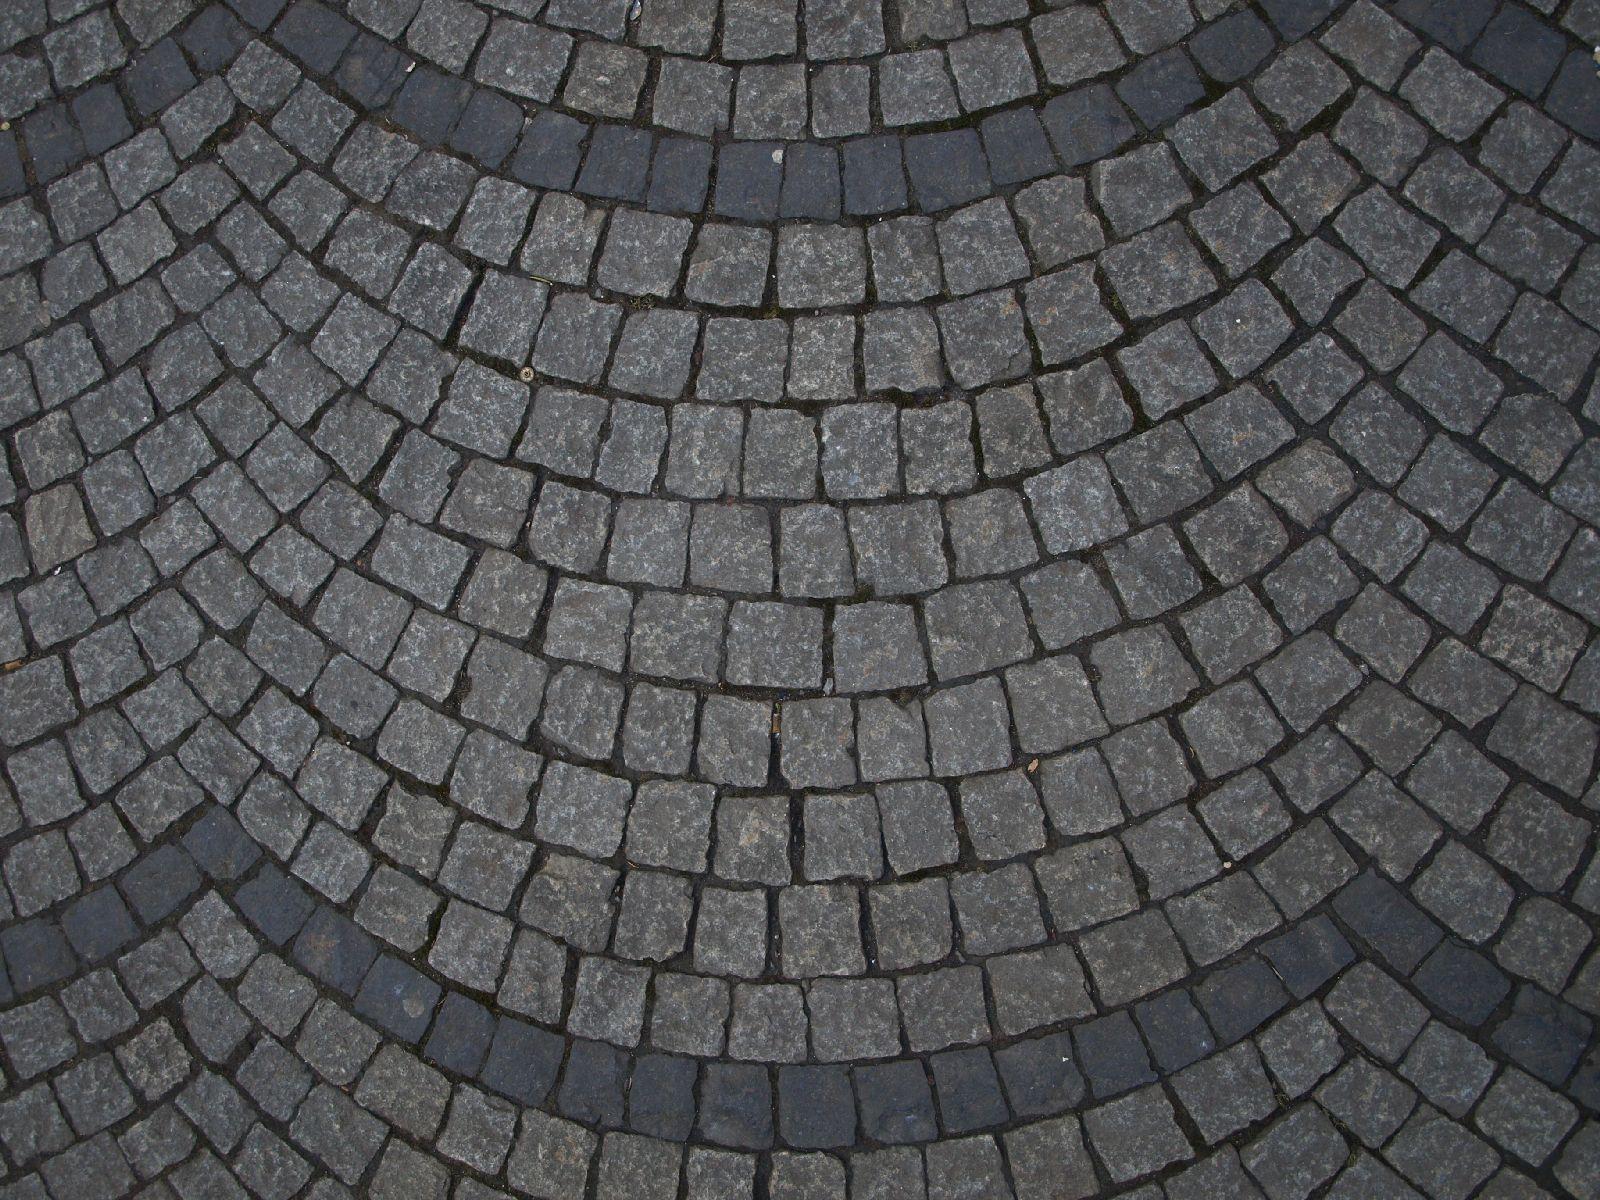 Ground-Urban_Texture_A_P1179321